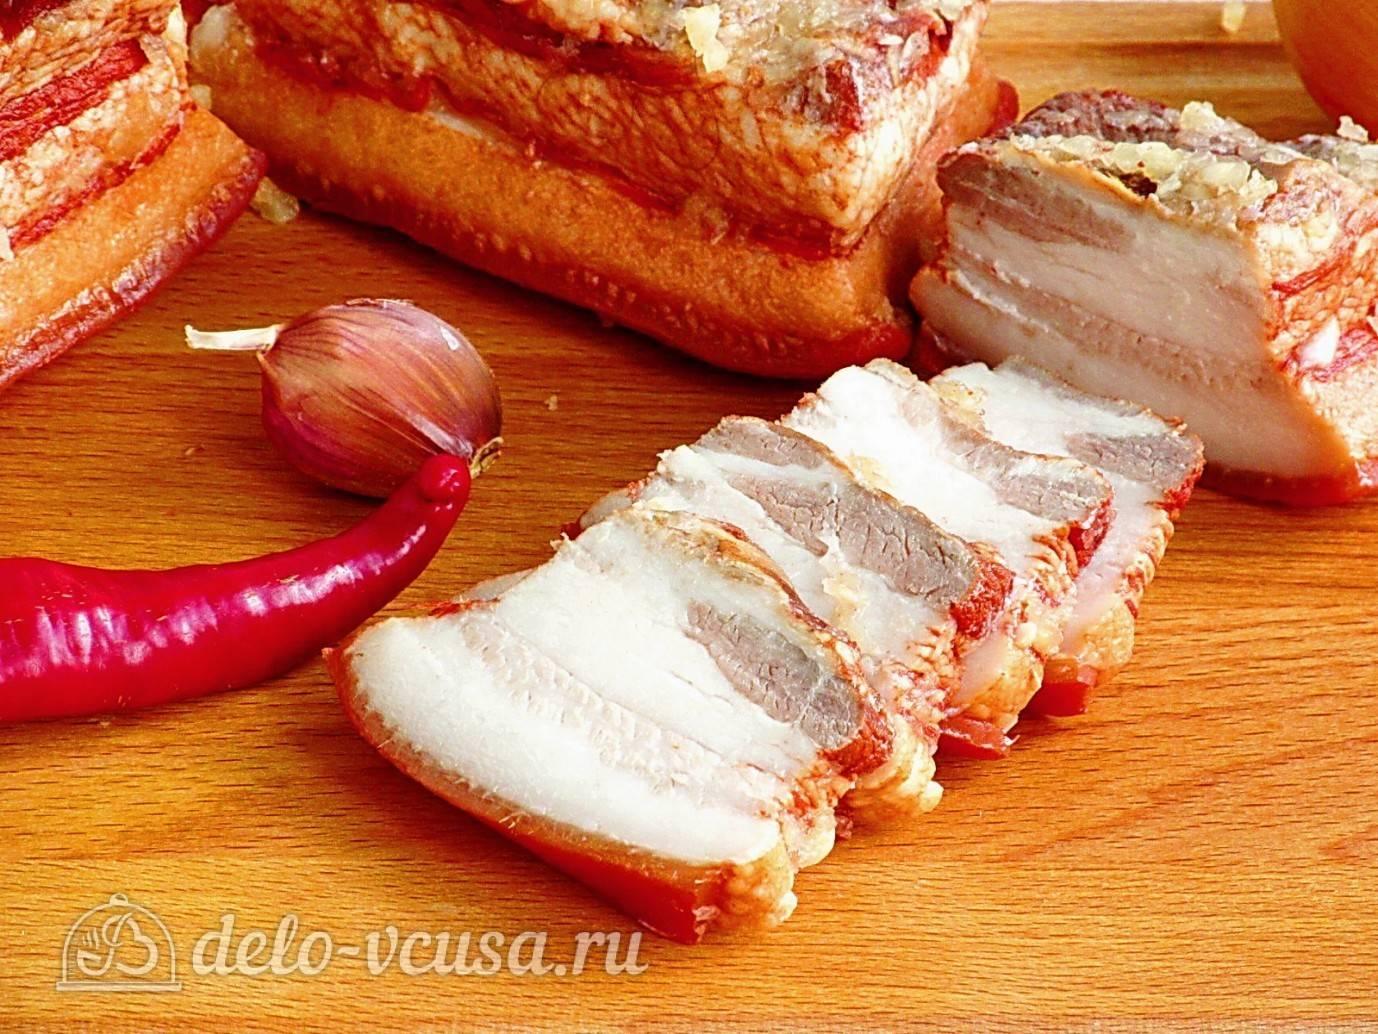 Готовим вкусное и ароматное сало в луковой шелухе: идеально блюдо для зимы